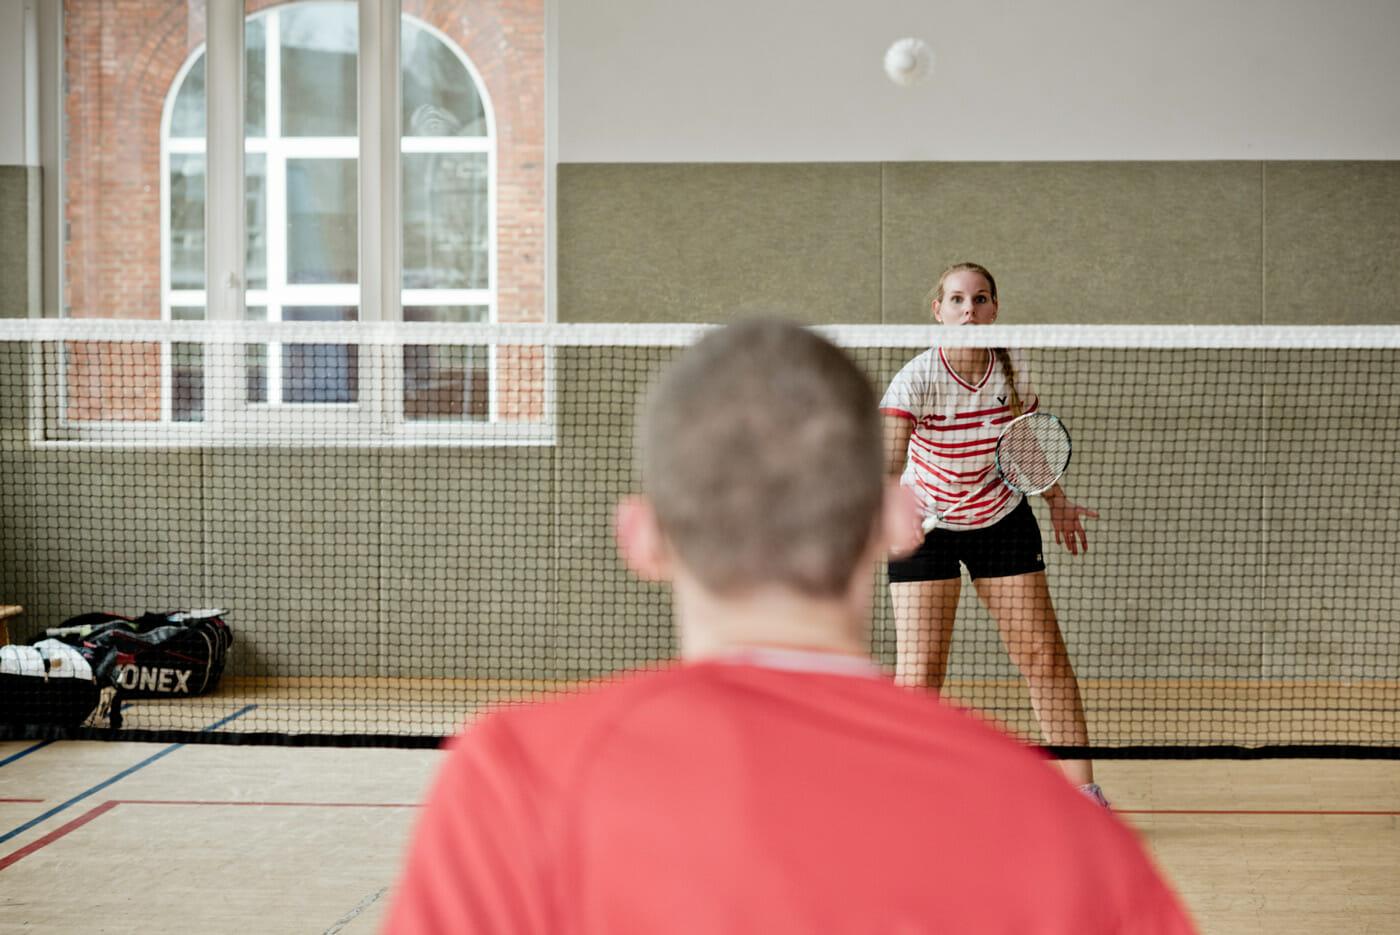 Inken in Aktion beim Badminton spielen